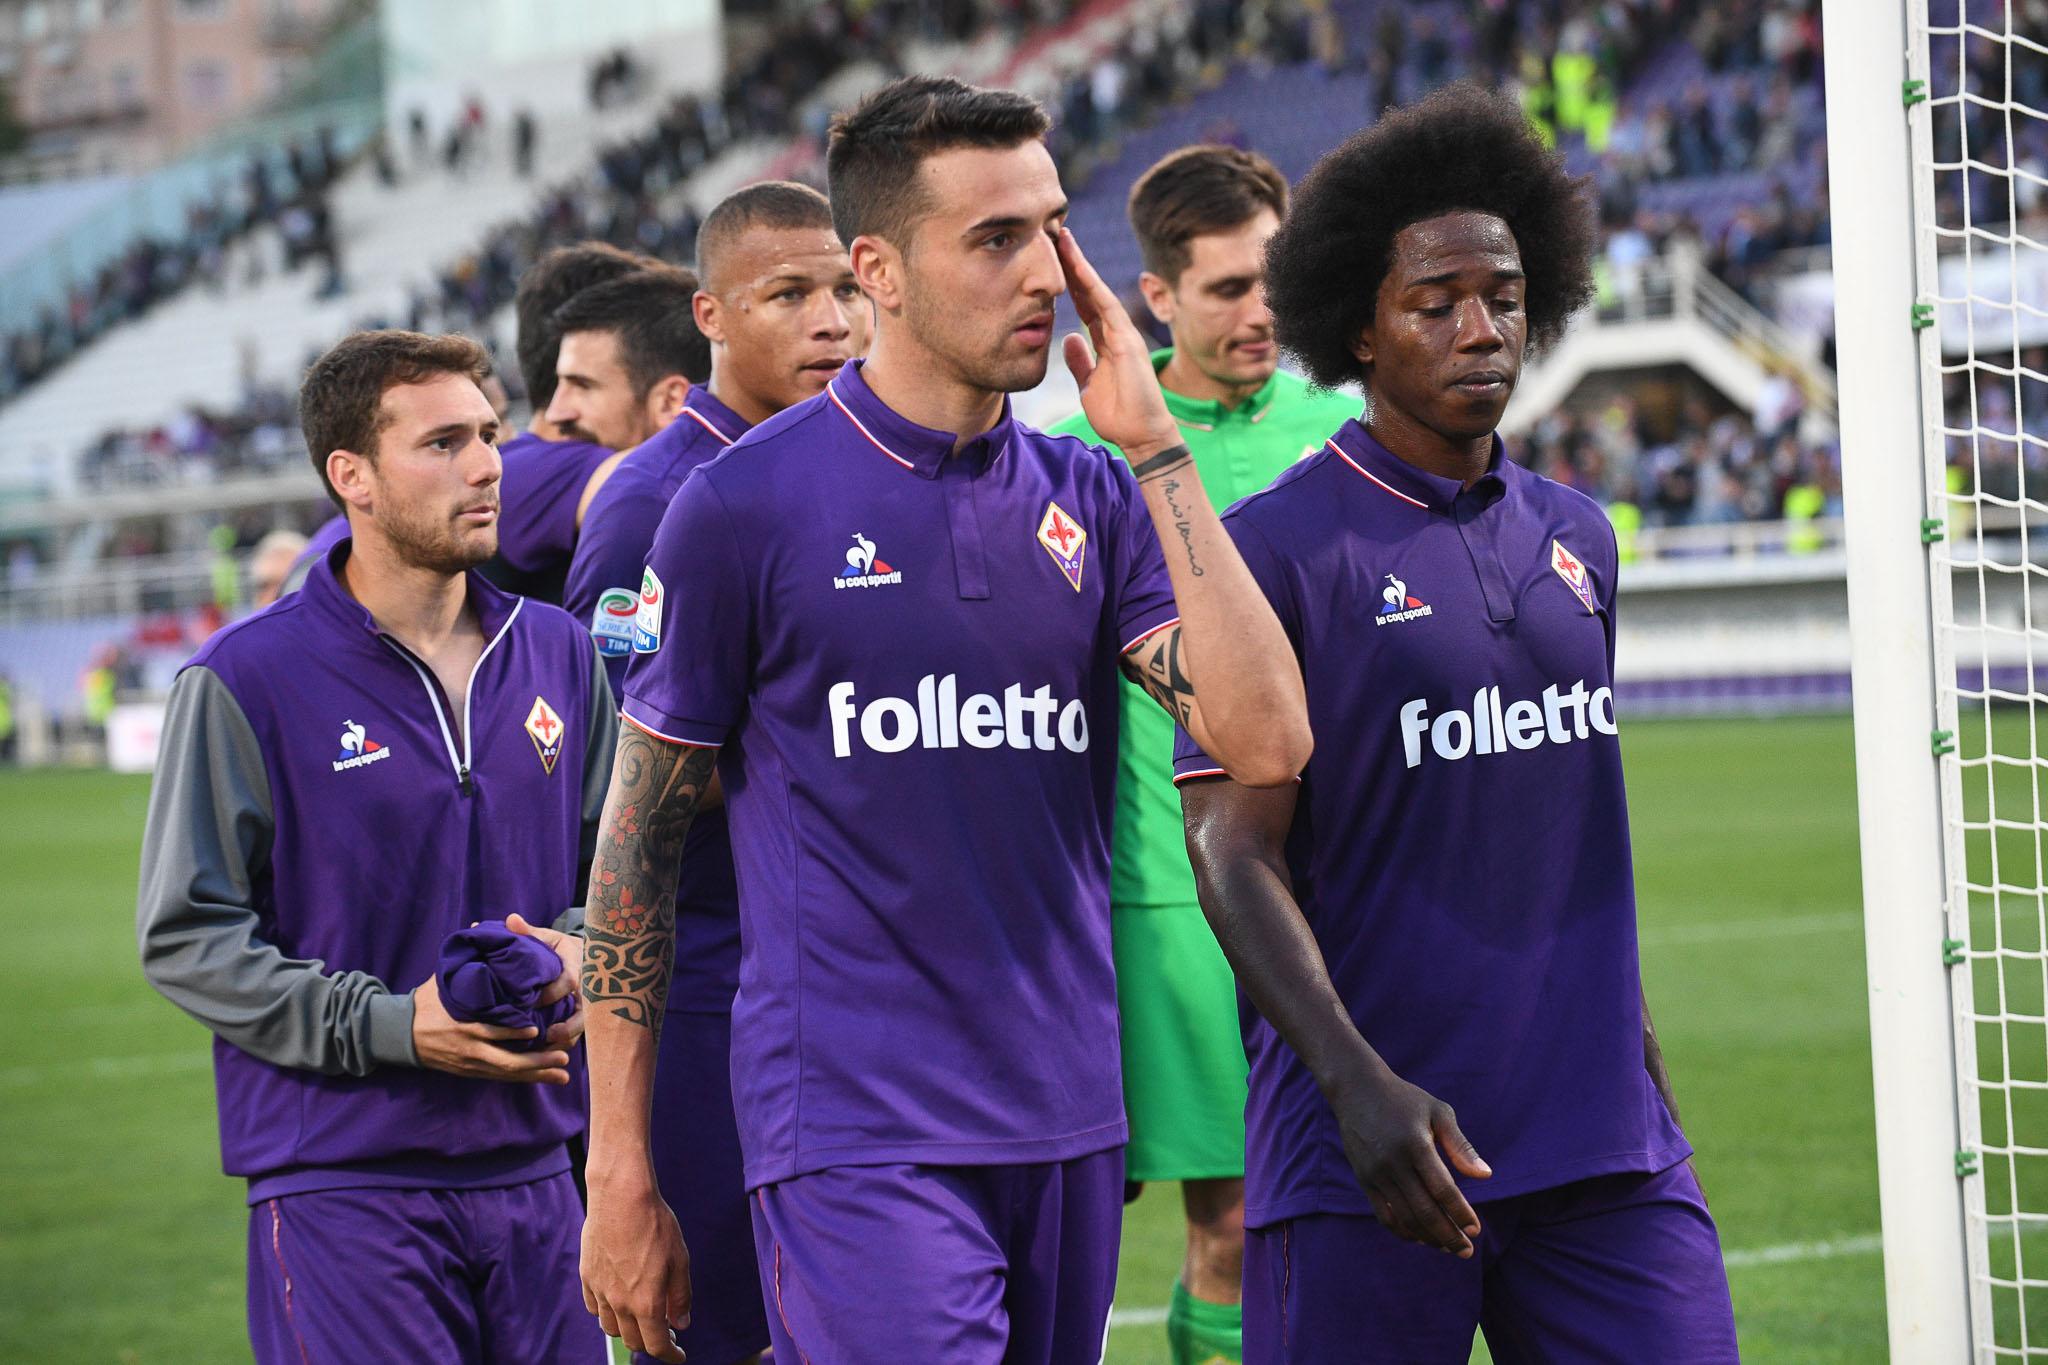 Il Tottenham vuole Vecino, il club inglese offre 18 milioni di euro e prepara l'offensiva